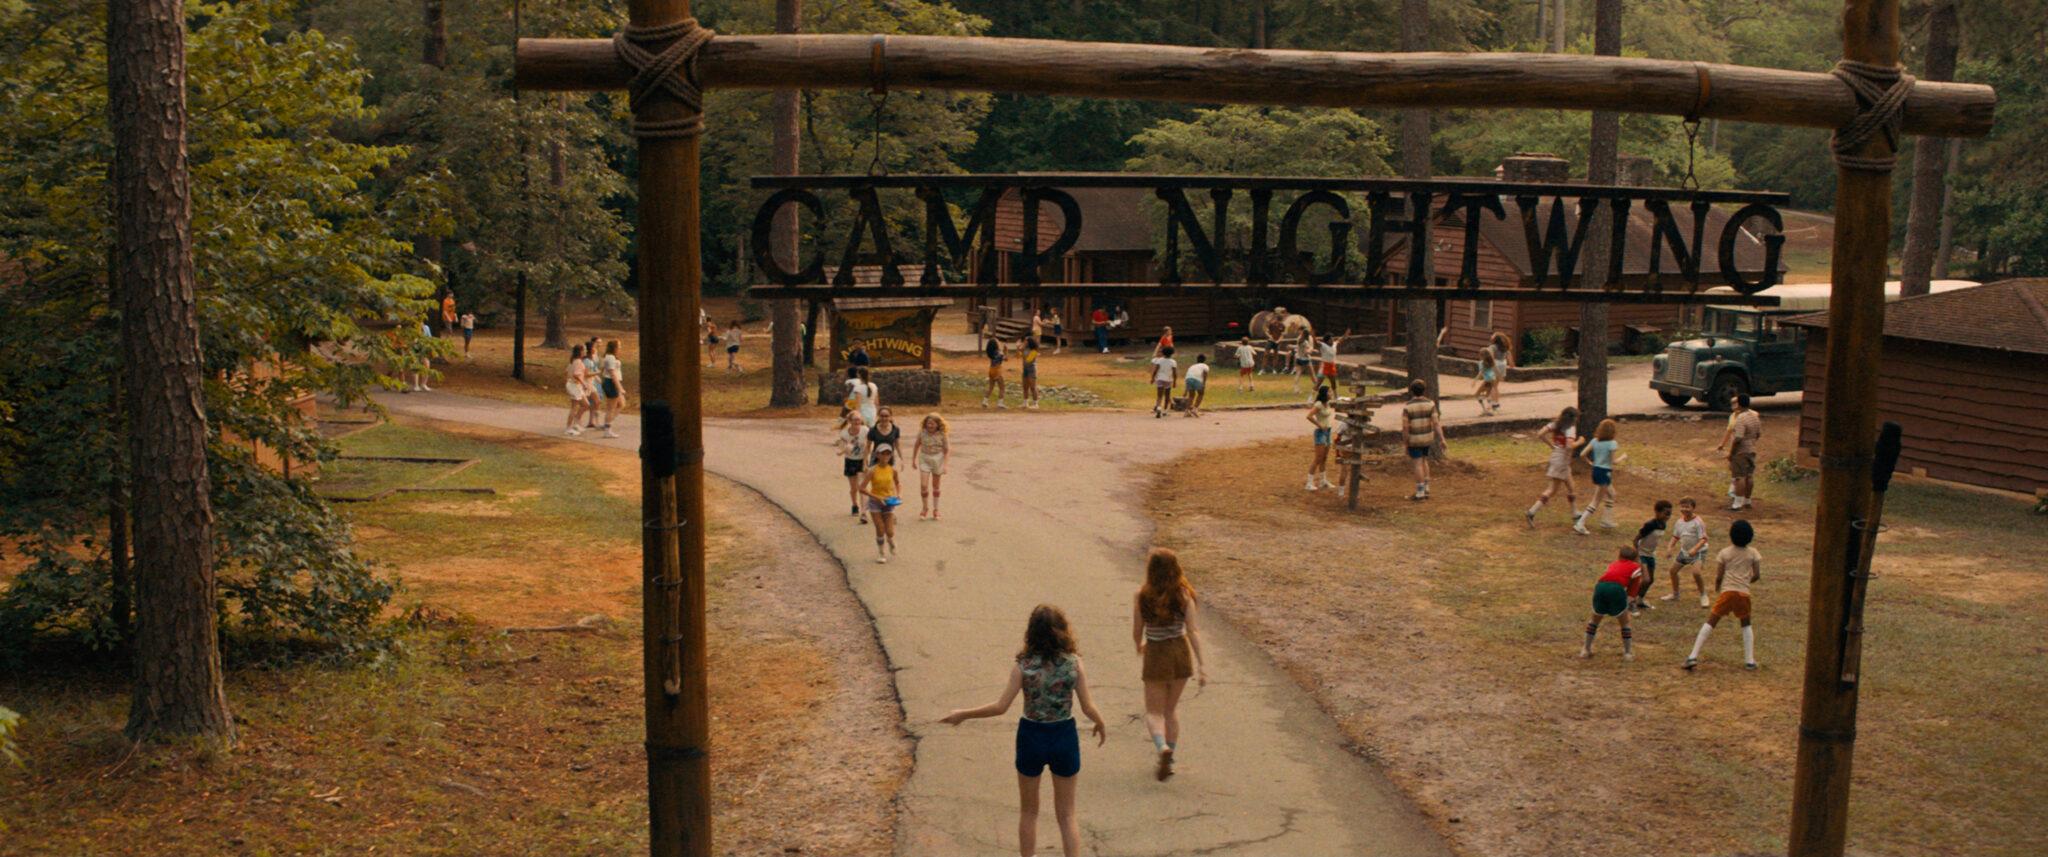 """Man sieht eine Zufahrtsstraße in einem Waldstück zwischen Blockhütten aus Holz. Zahlreiche Kinder spielen auf den anliegenden Wiesen oder laufen auf dem Weg. Im Vordergrund sieht man das Schild mit dem Namen des Camps """"Camp Nightwing"""""""